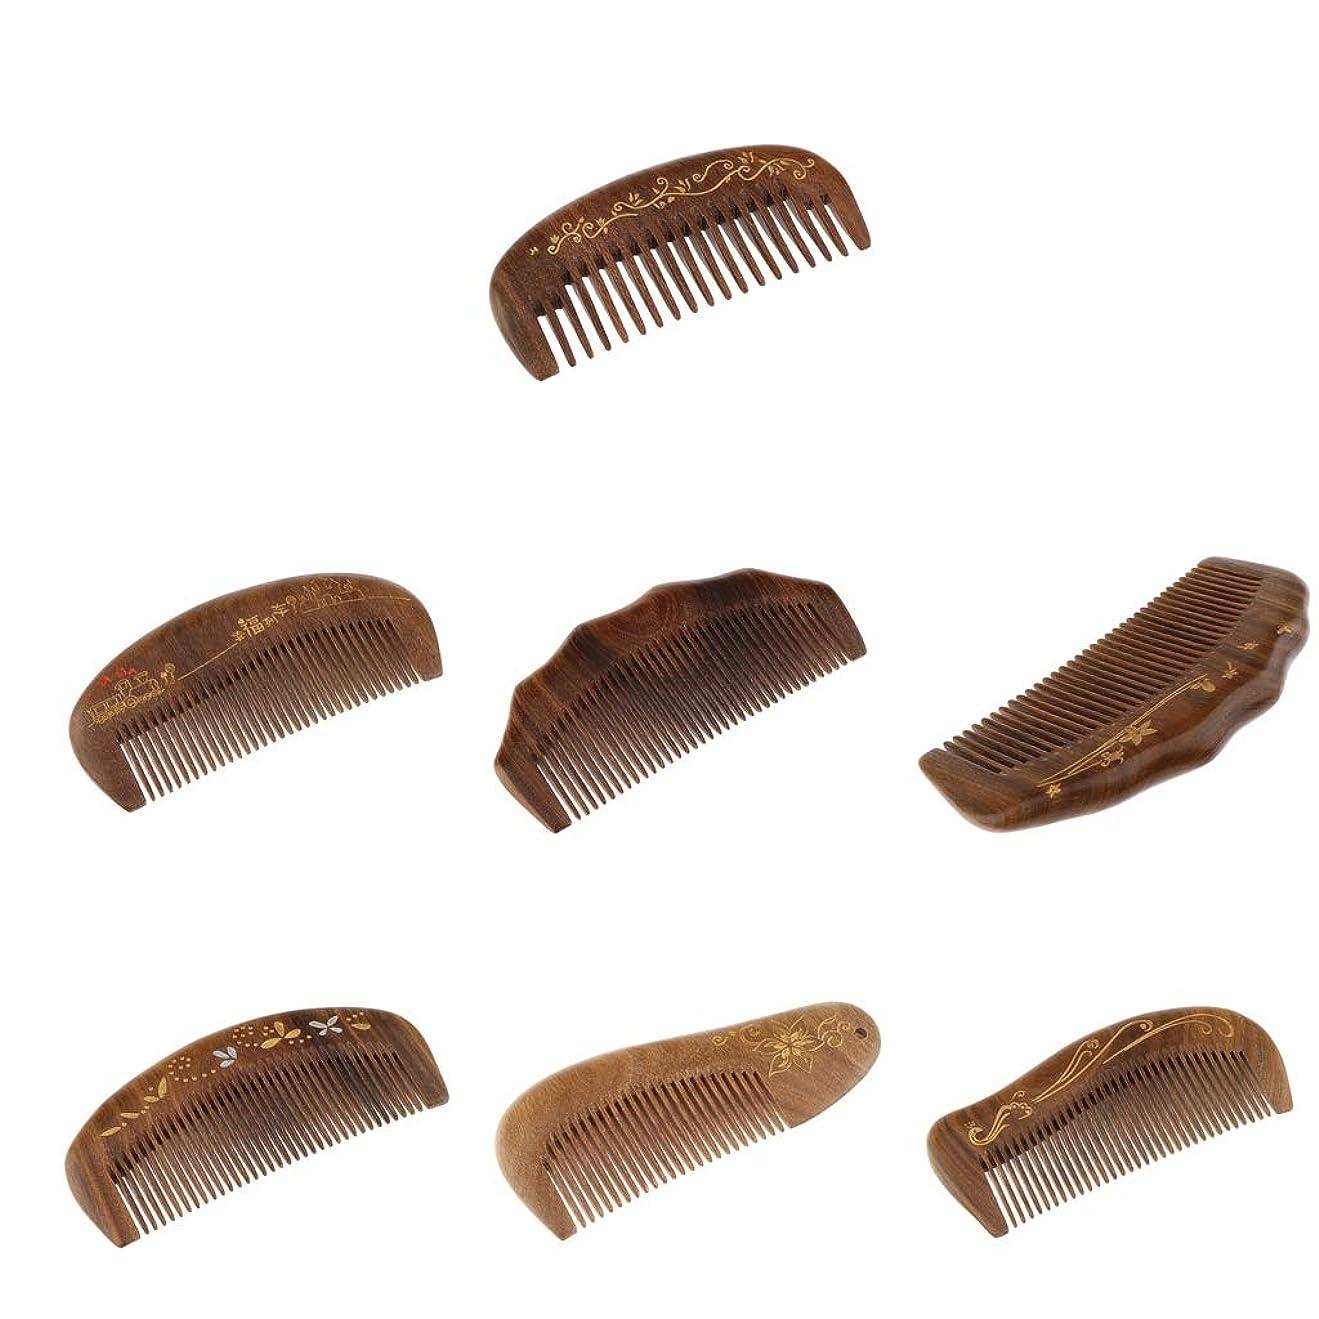 オン変成器ロッドCUTICATE コーム ヘアコーム ヘアブラシ 静電気防止 木製 7個パック